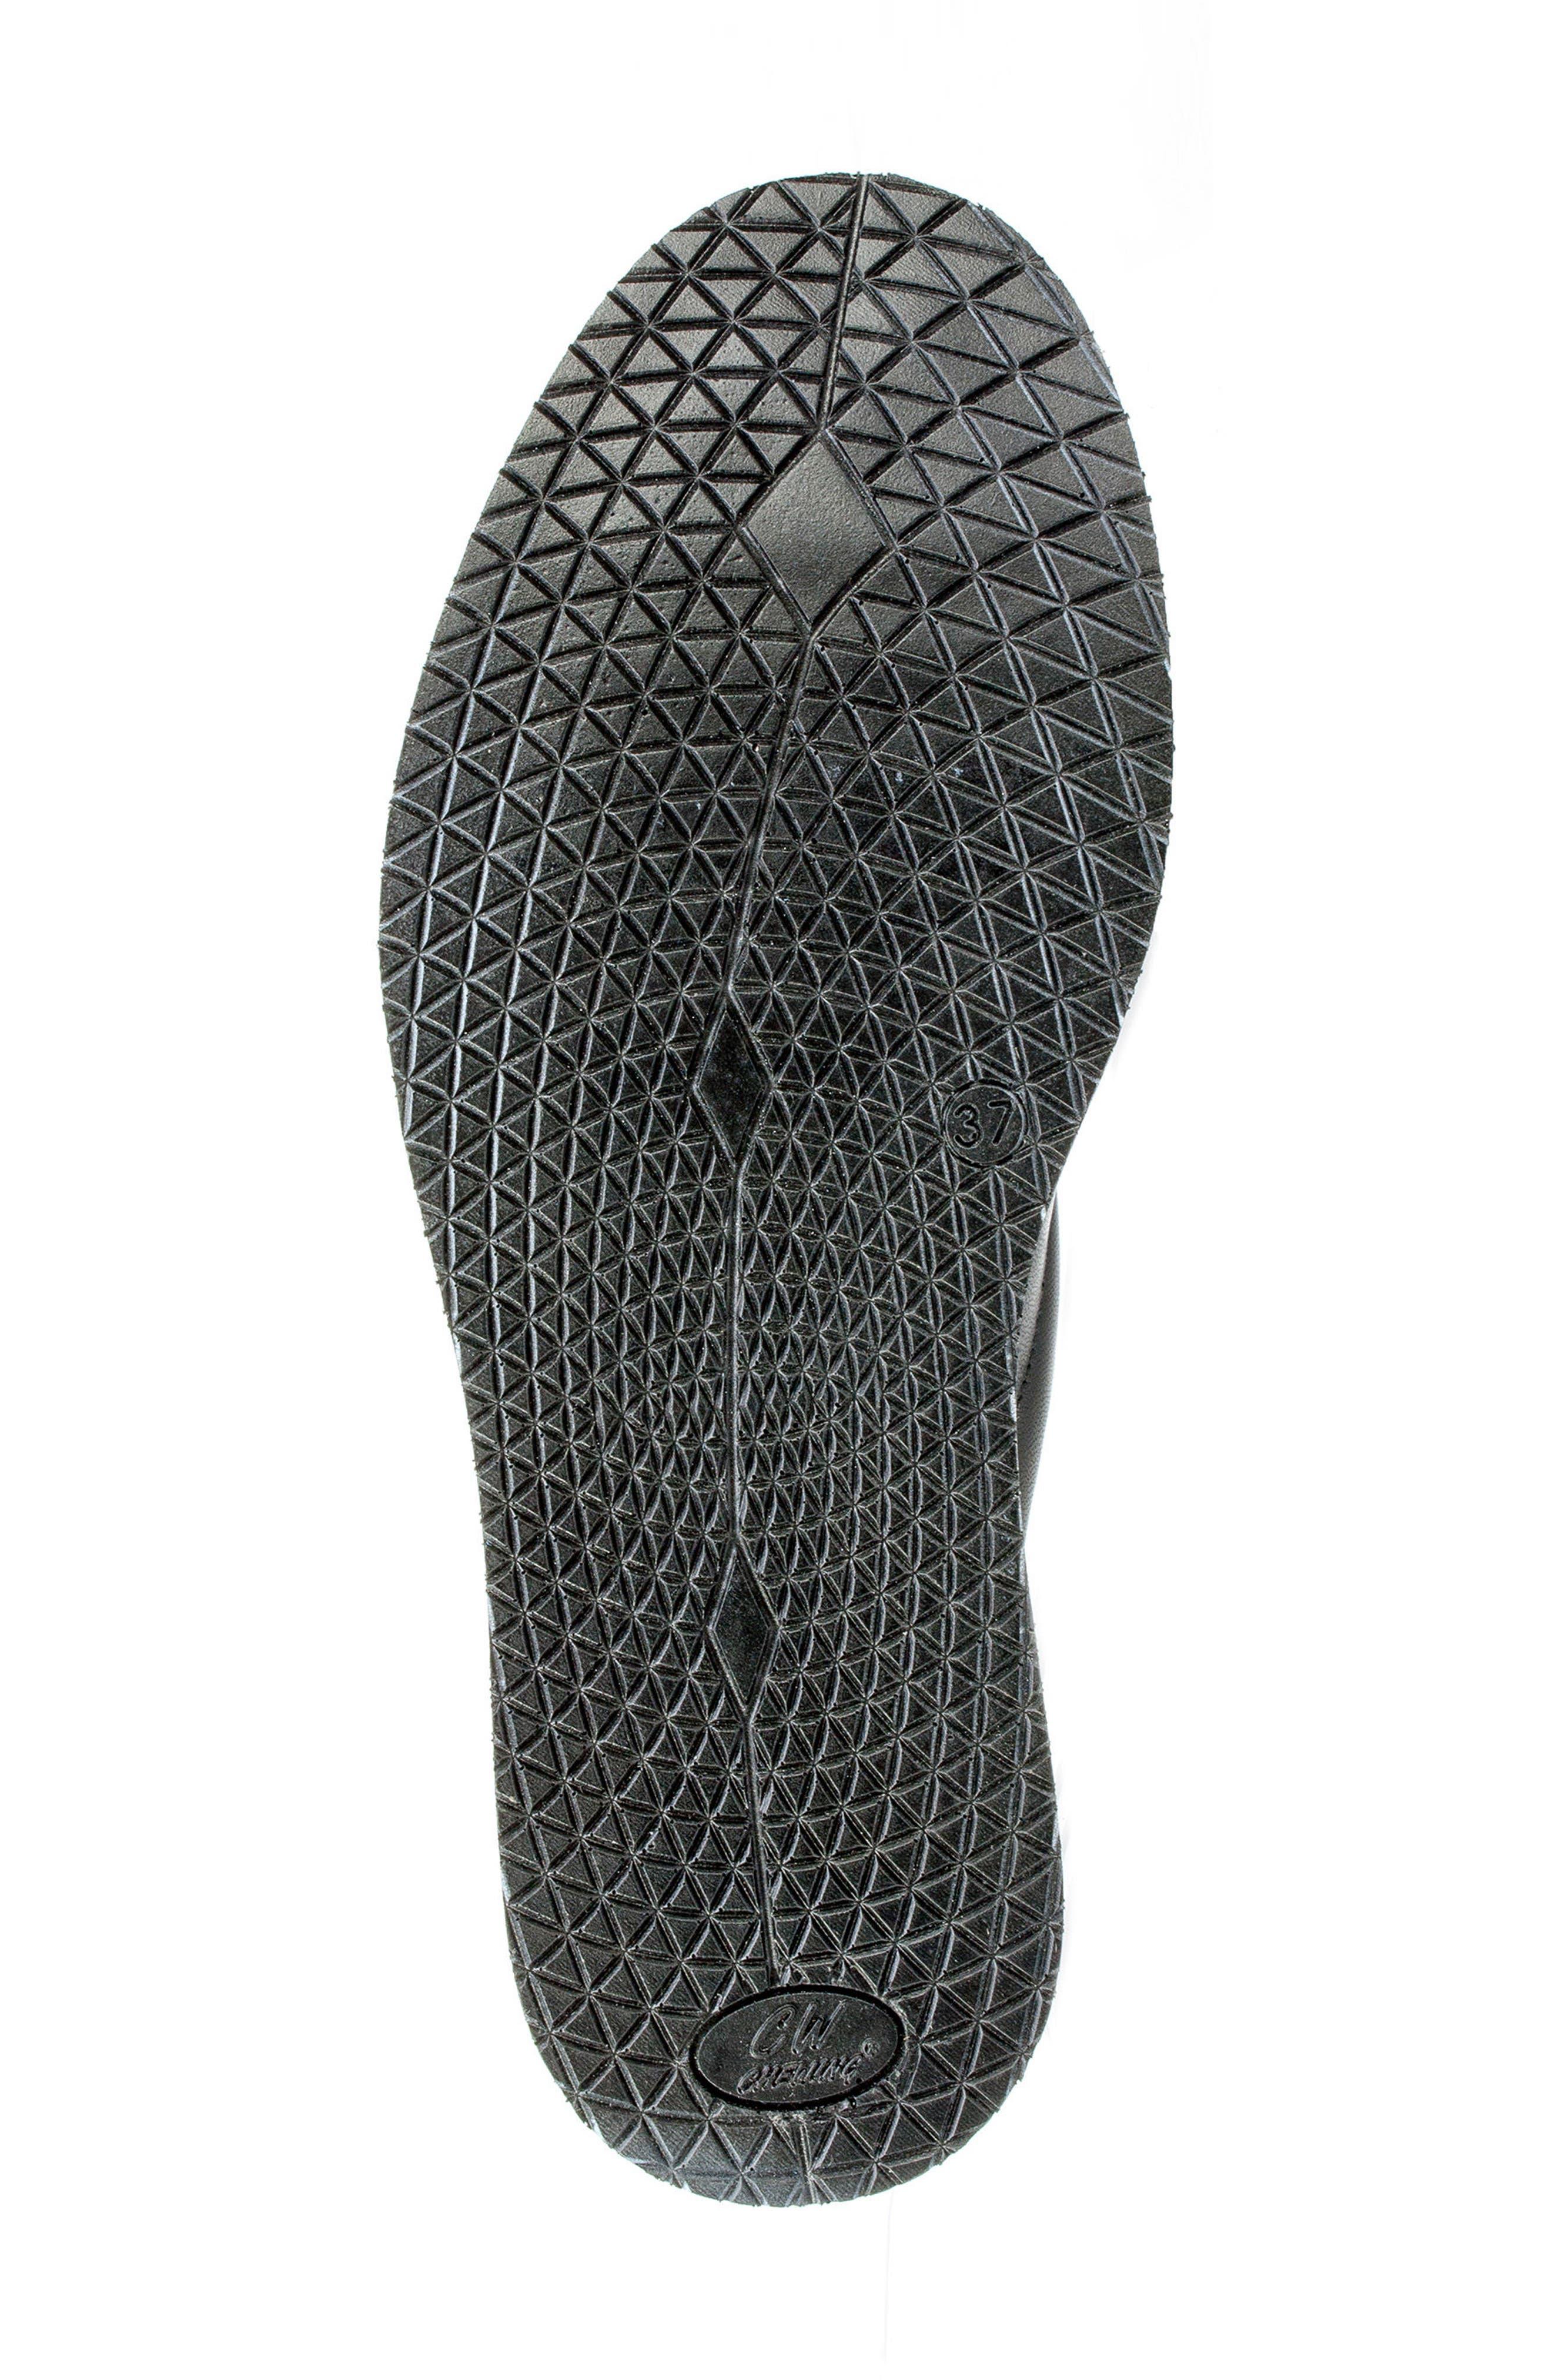 Summit Leanna Platform Sandal,                             Alternate thumbnail 4, color,                             001